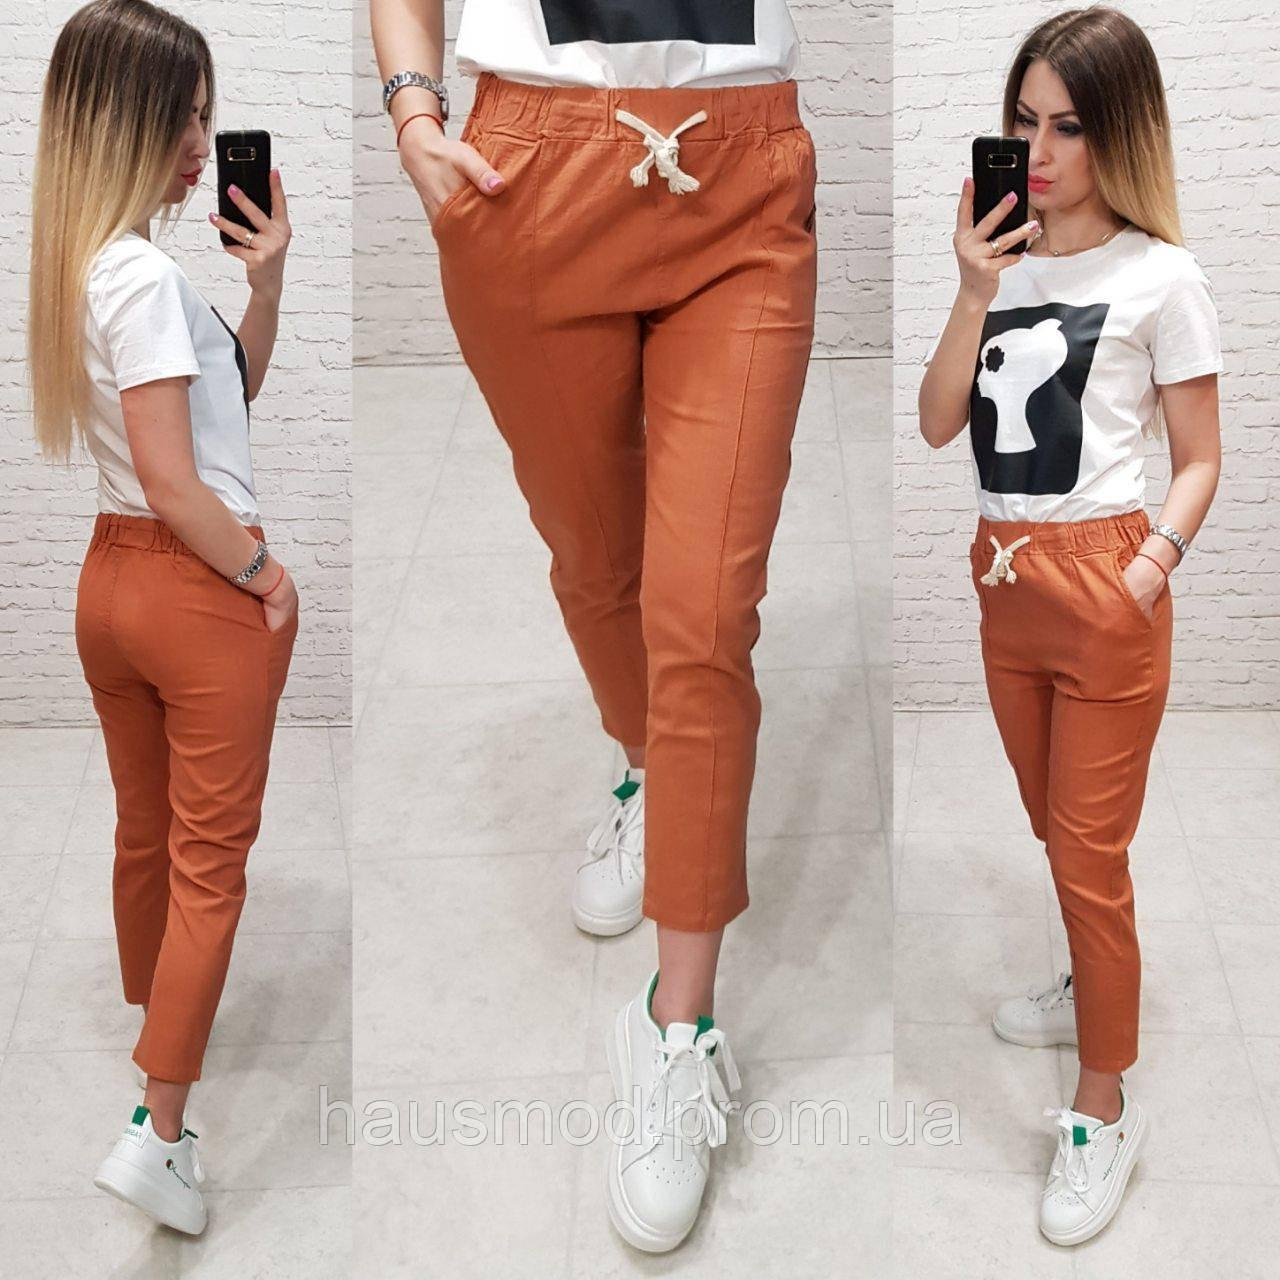 Женские брюки укороченные ткань лен посадка средняя цвет оранжевый